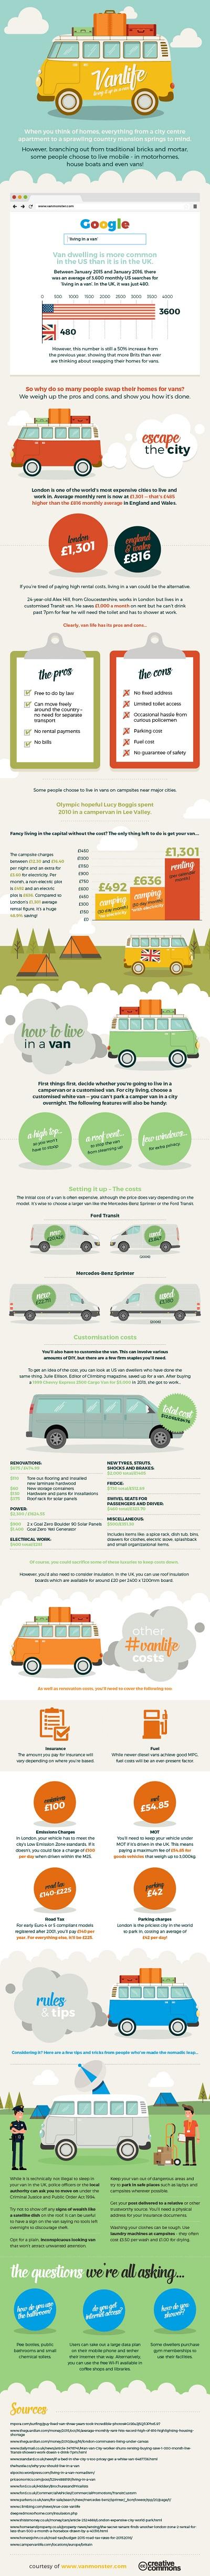 Van Monster #VanLife v2 infographic